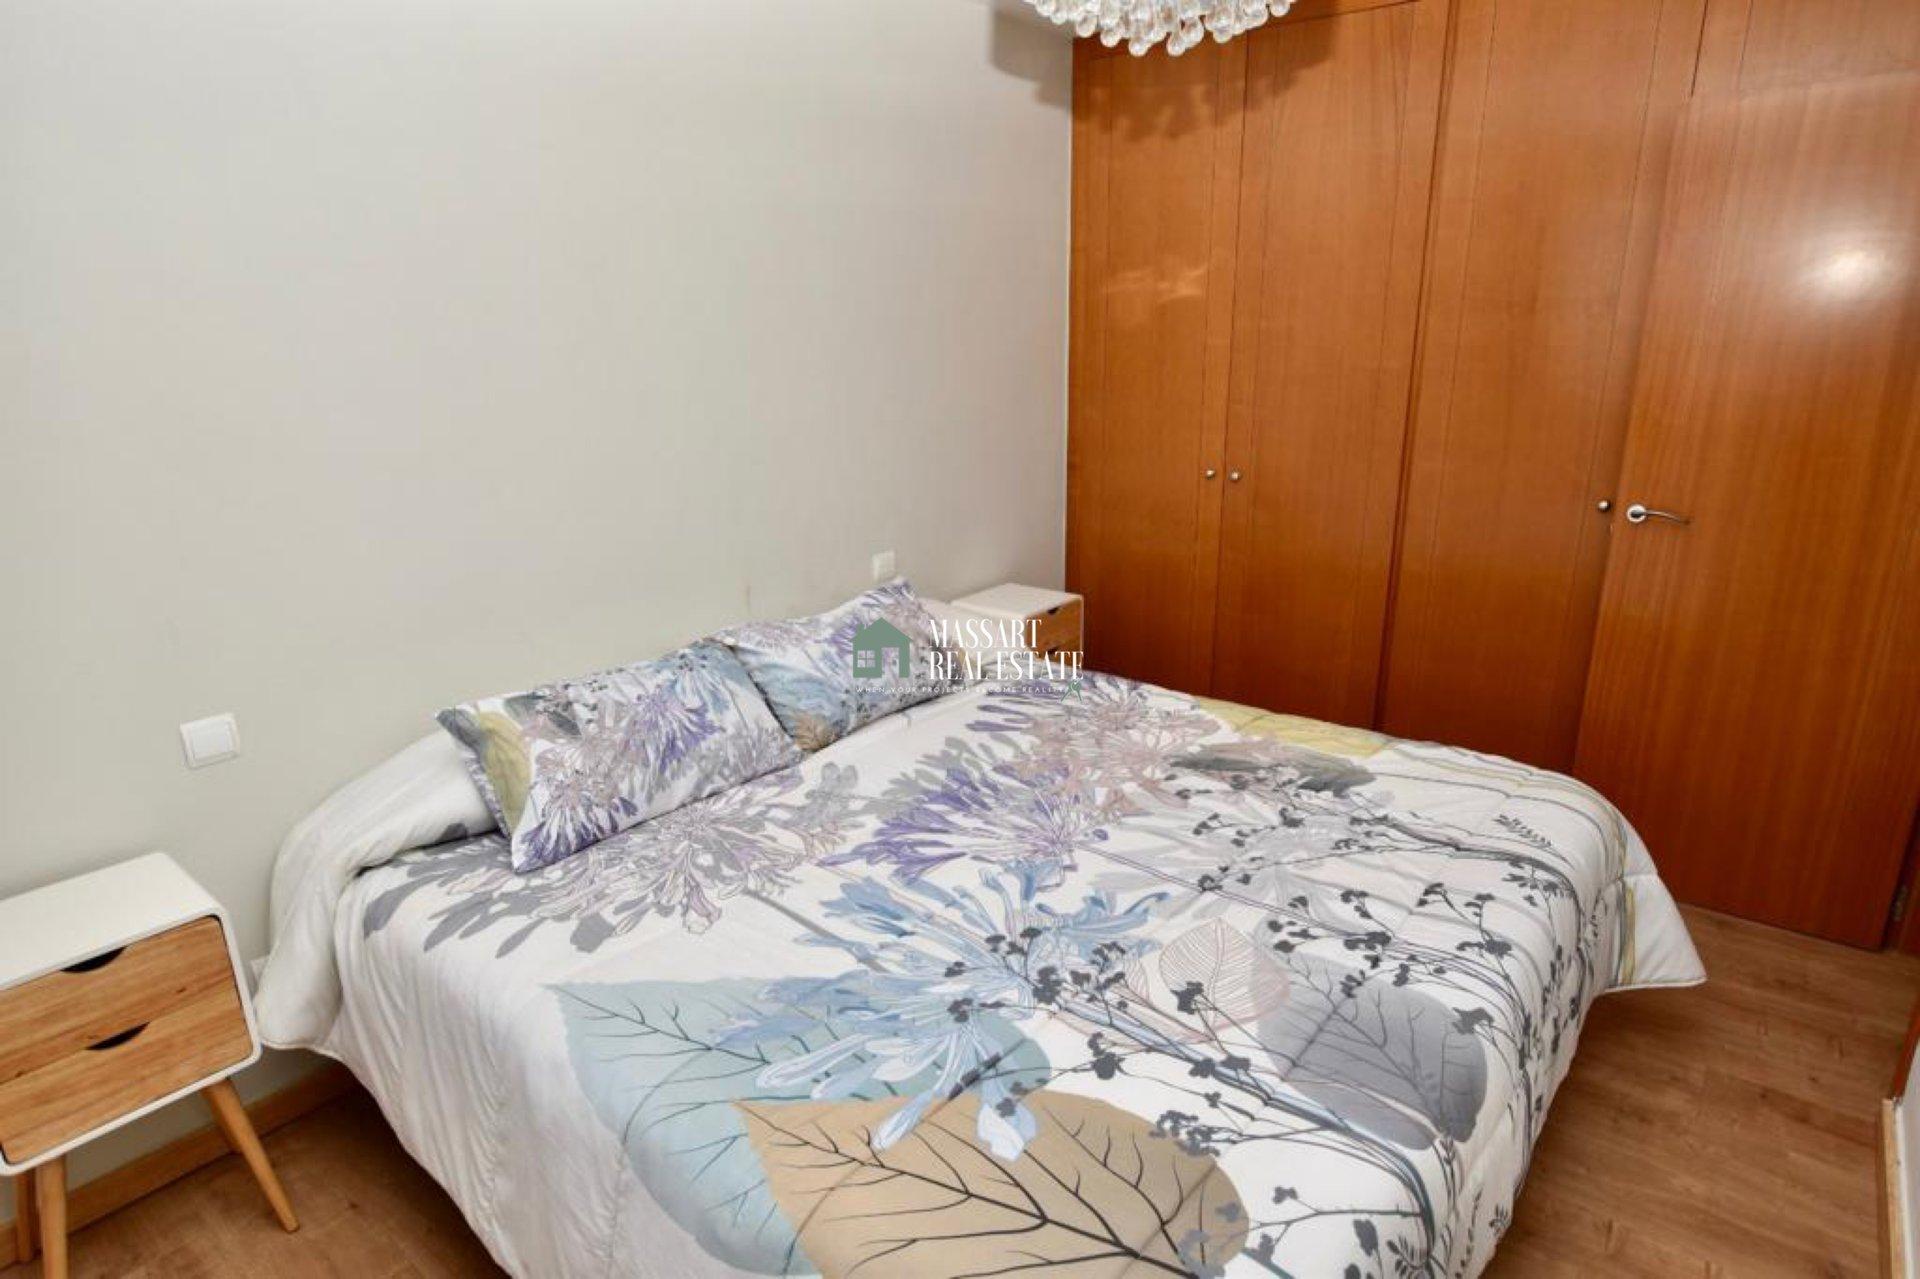 Apartamento completamente amueblado ubicado en la popular zona de Playa Paraíso (Paraíso I).